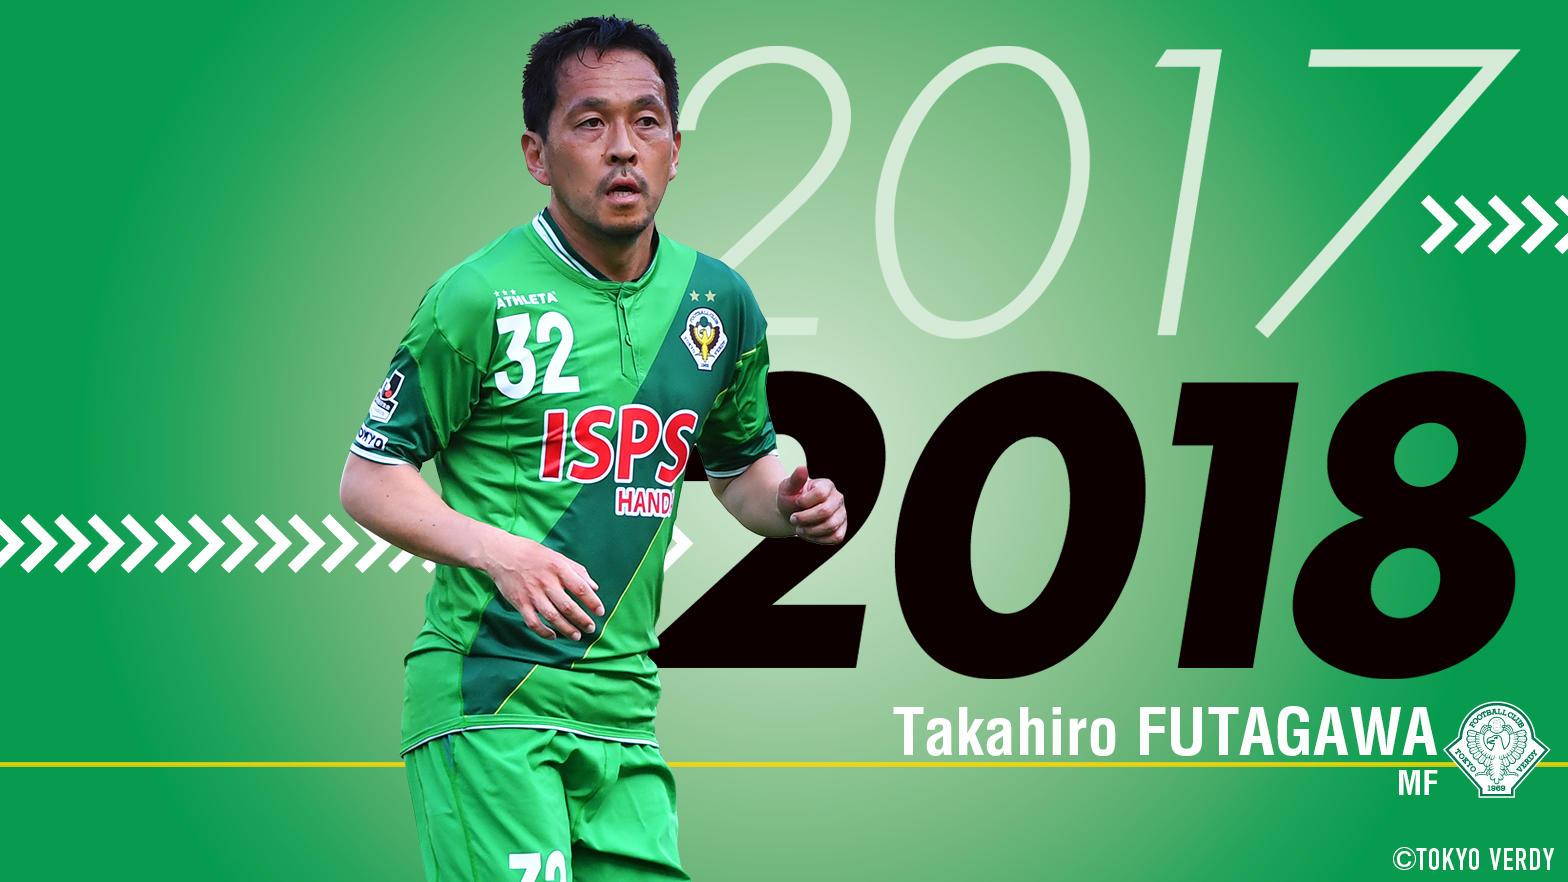 2018futagawa_t.jpg